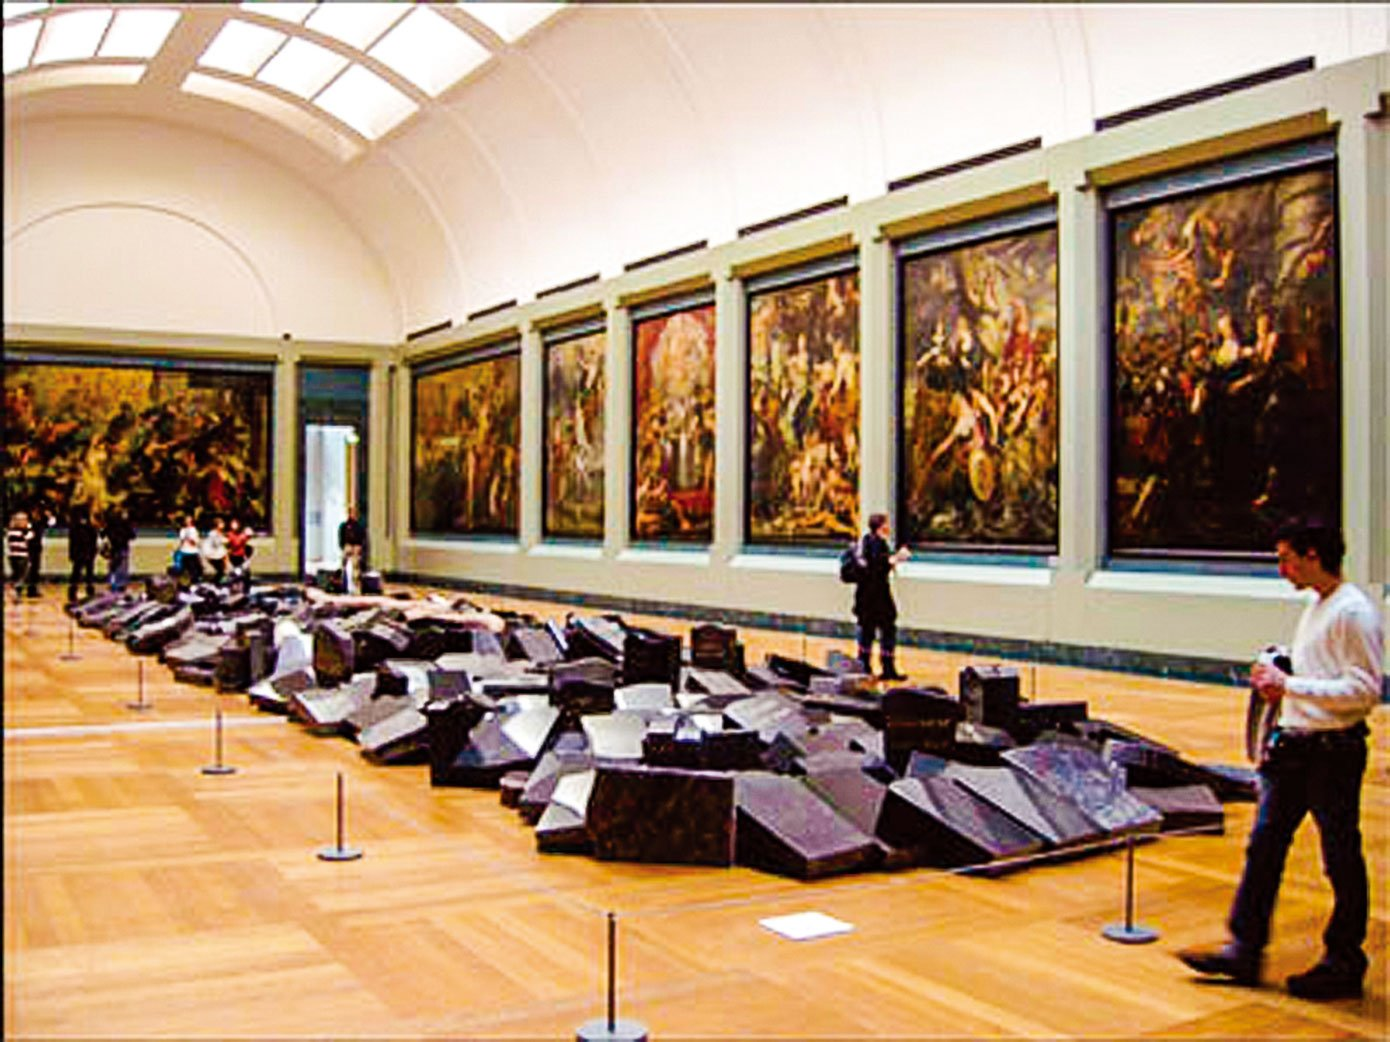 羅浮宮特別為魯本斯所繪製的巨幅系列油畫「瑪麗美迪奇生平」開闢一間專屬展廳。(史多華提供)